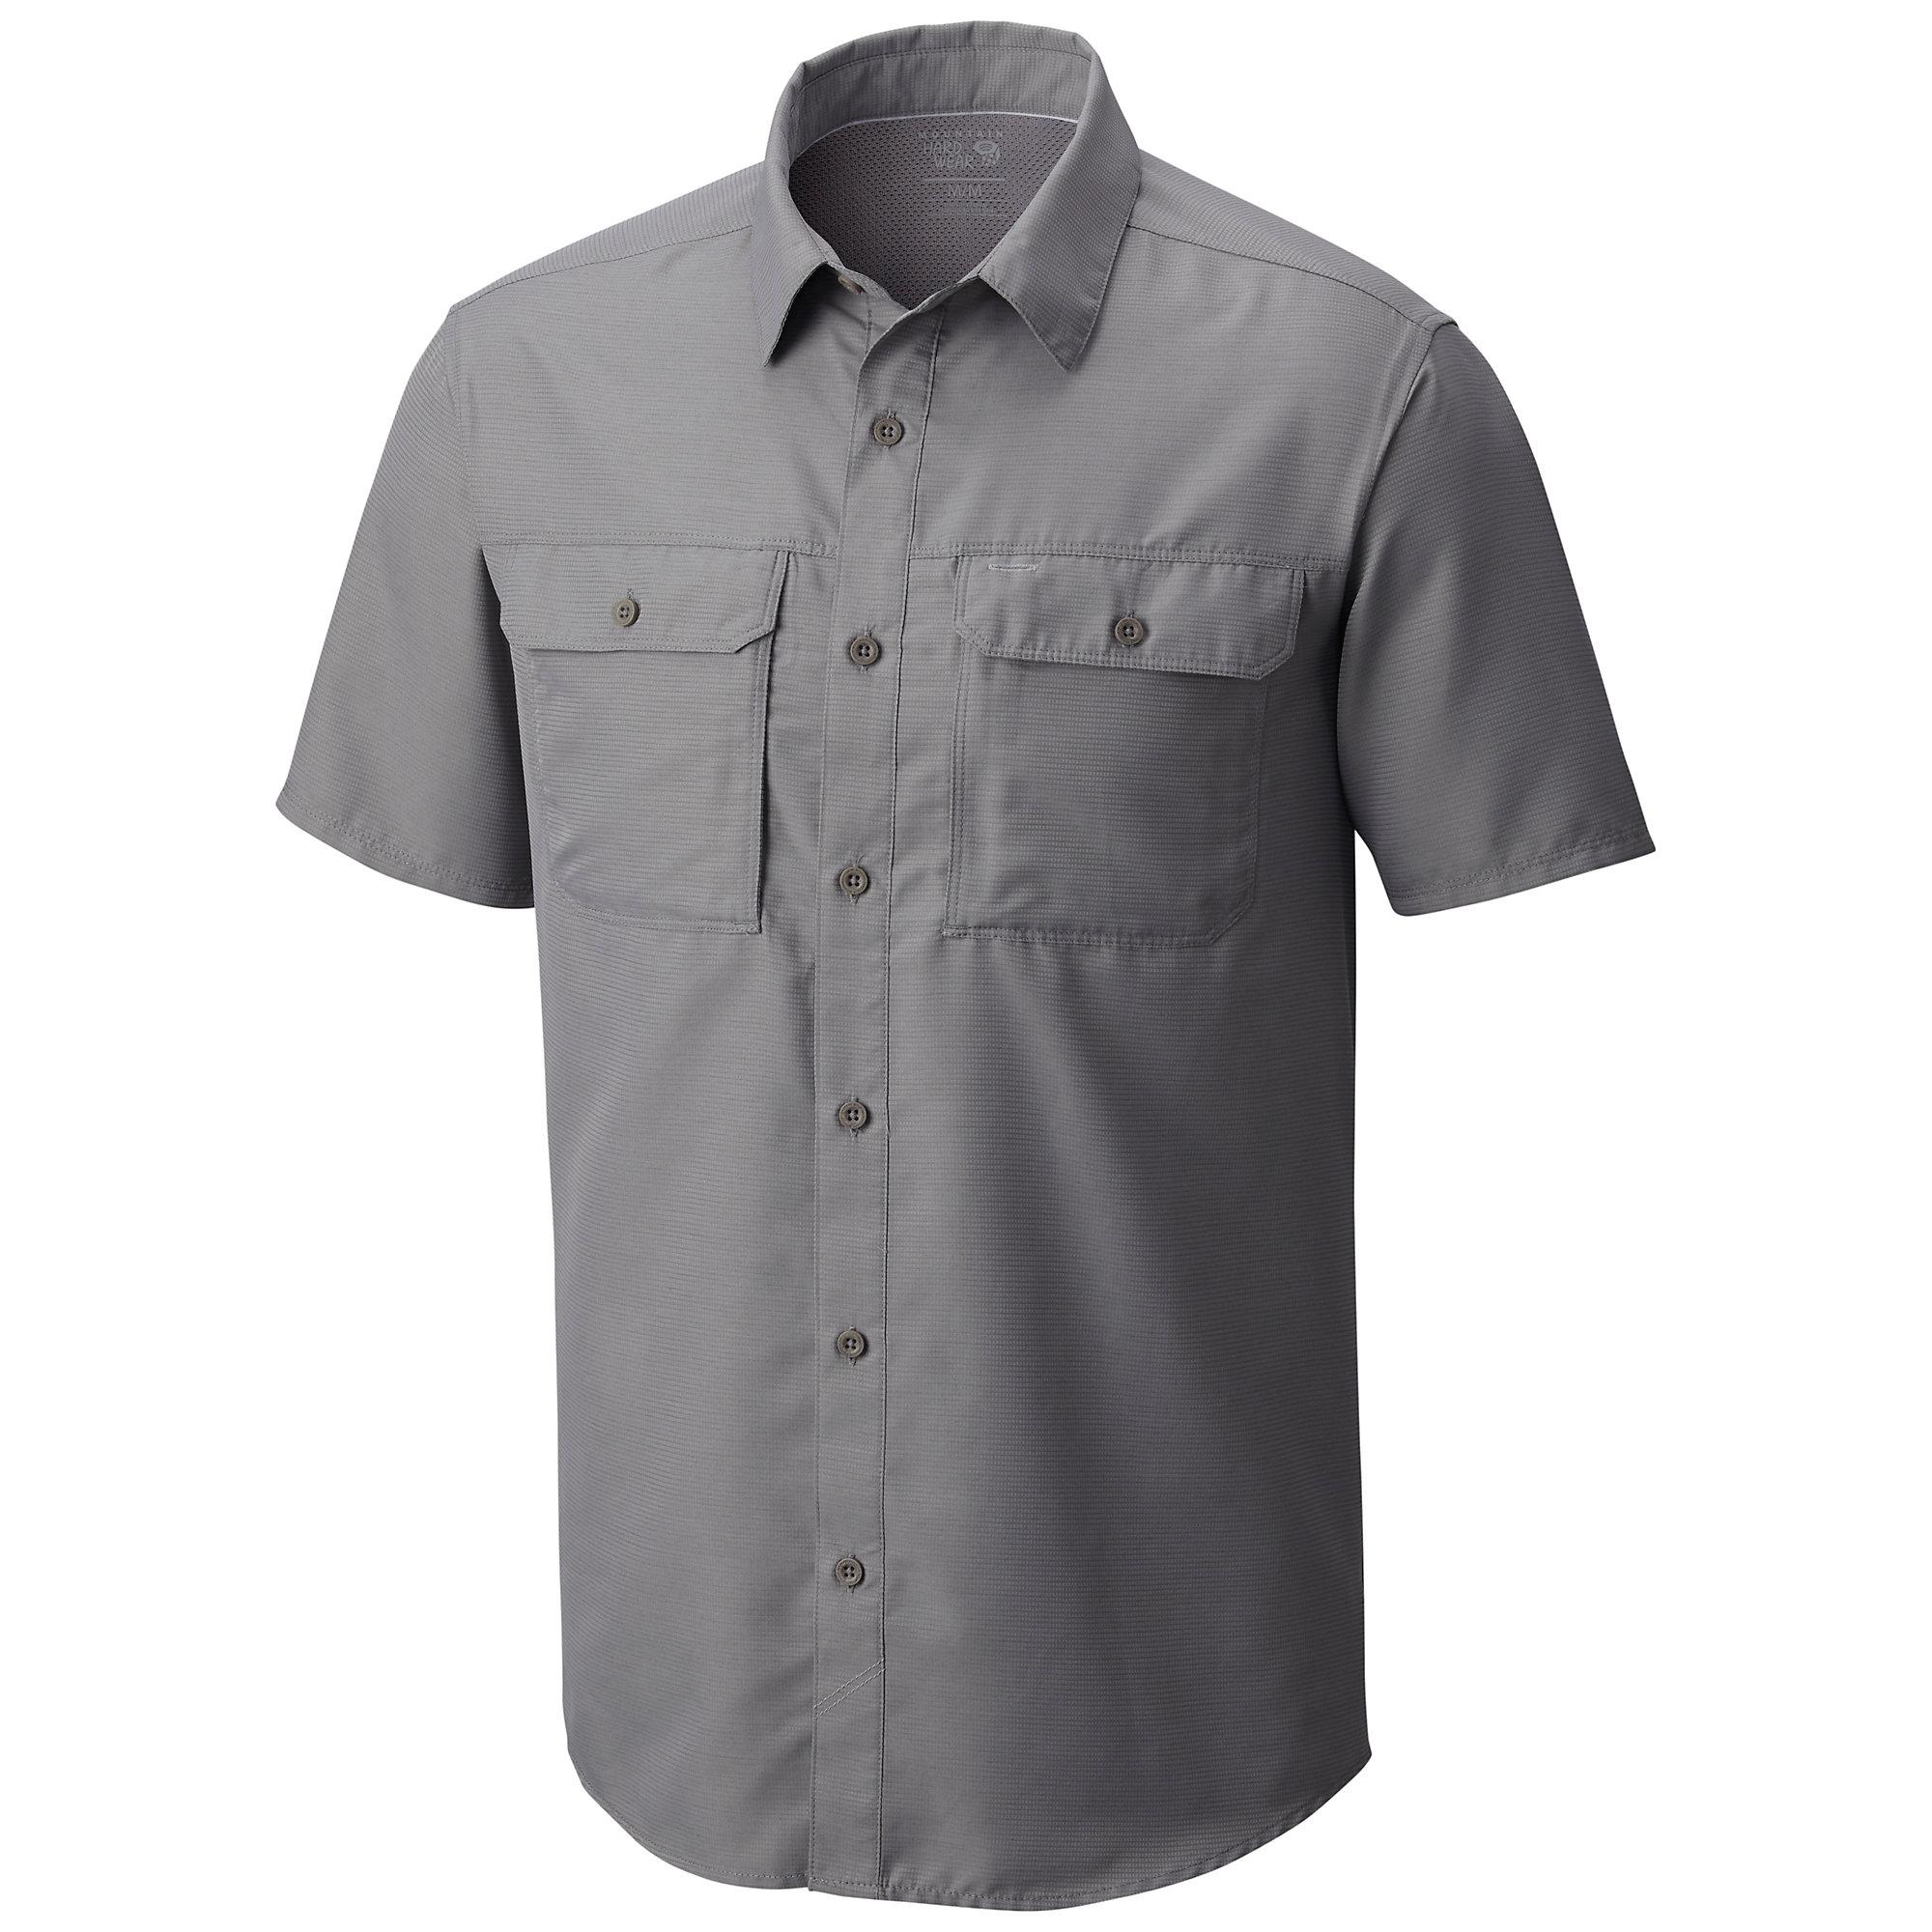 Mountain Hardwear Canyon Short Sleeve Shirt